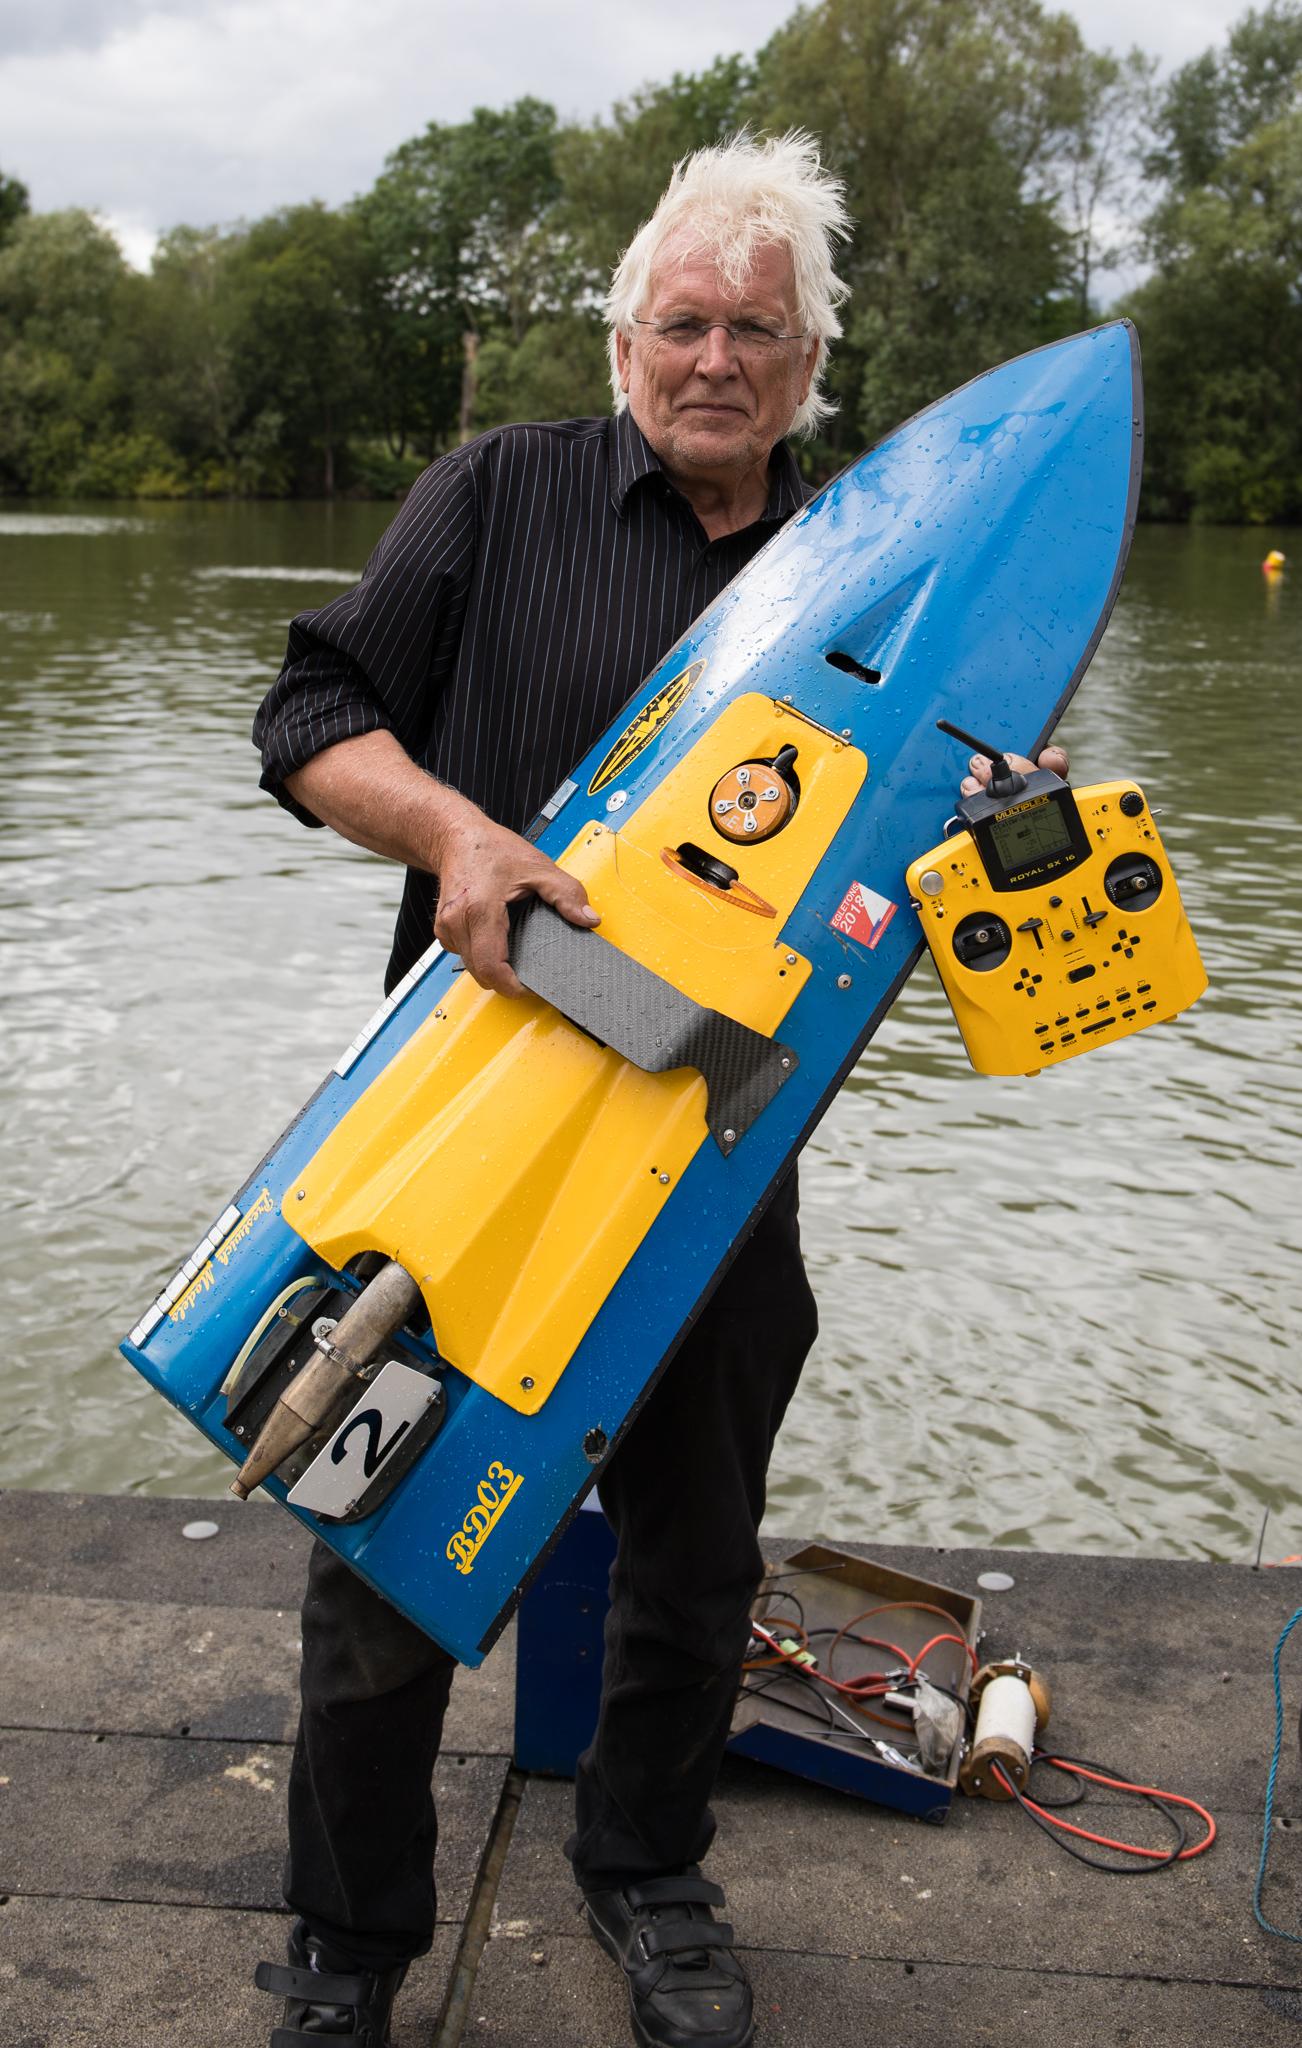 Dave Boat